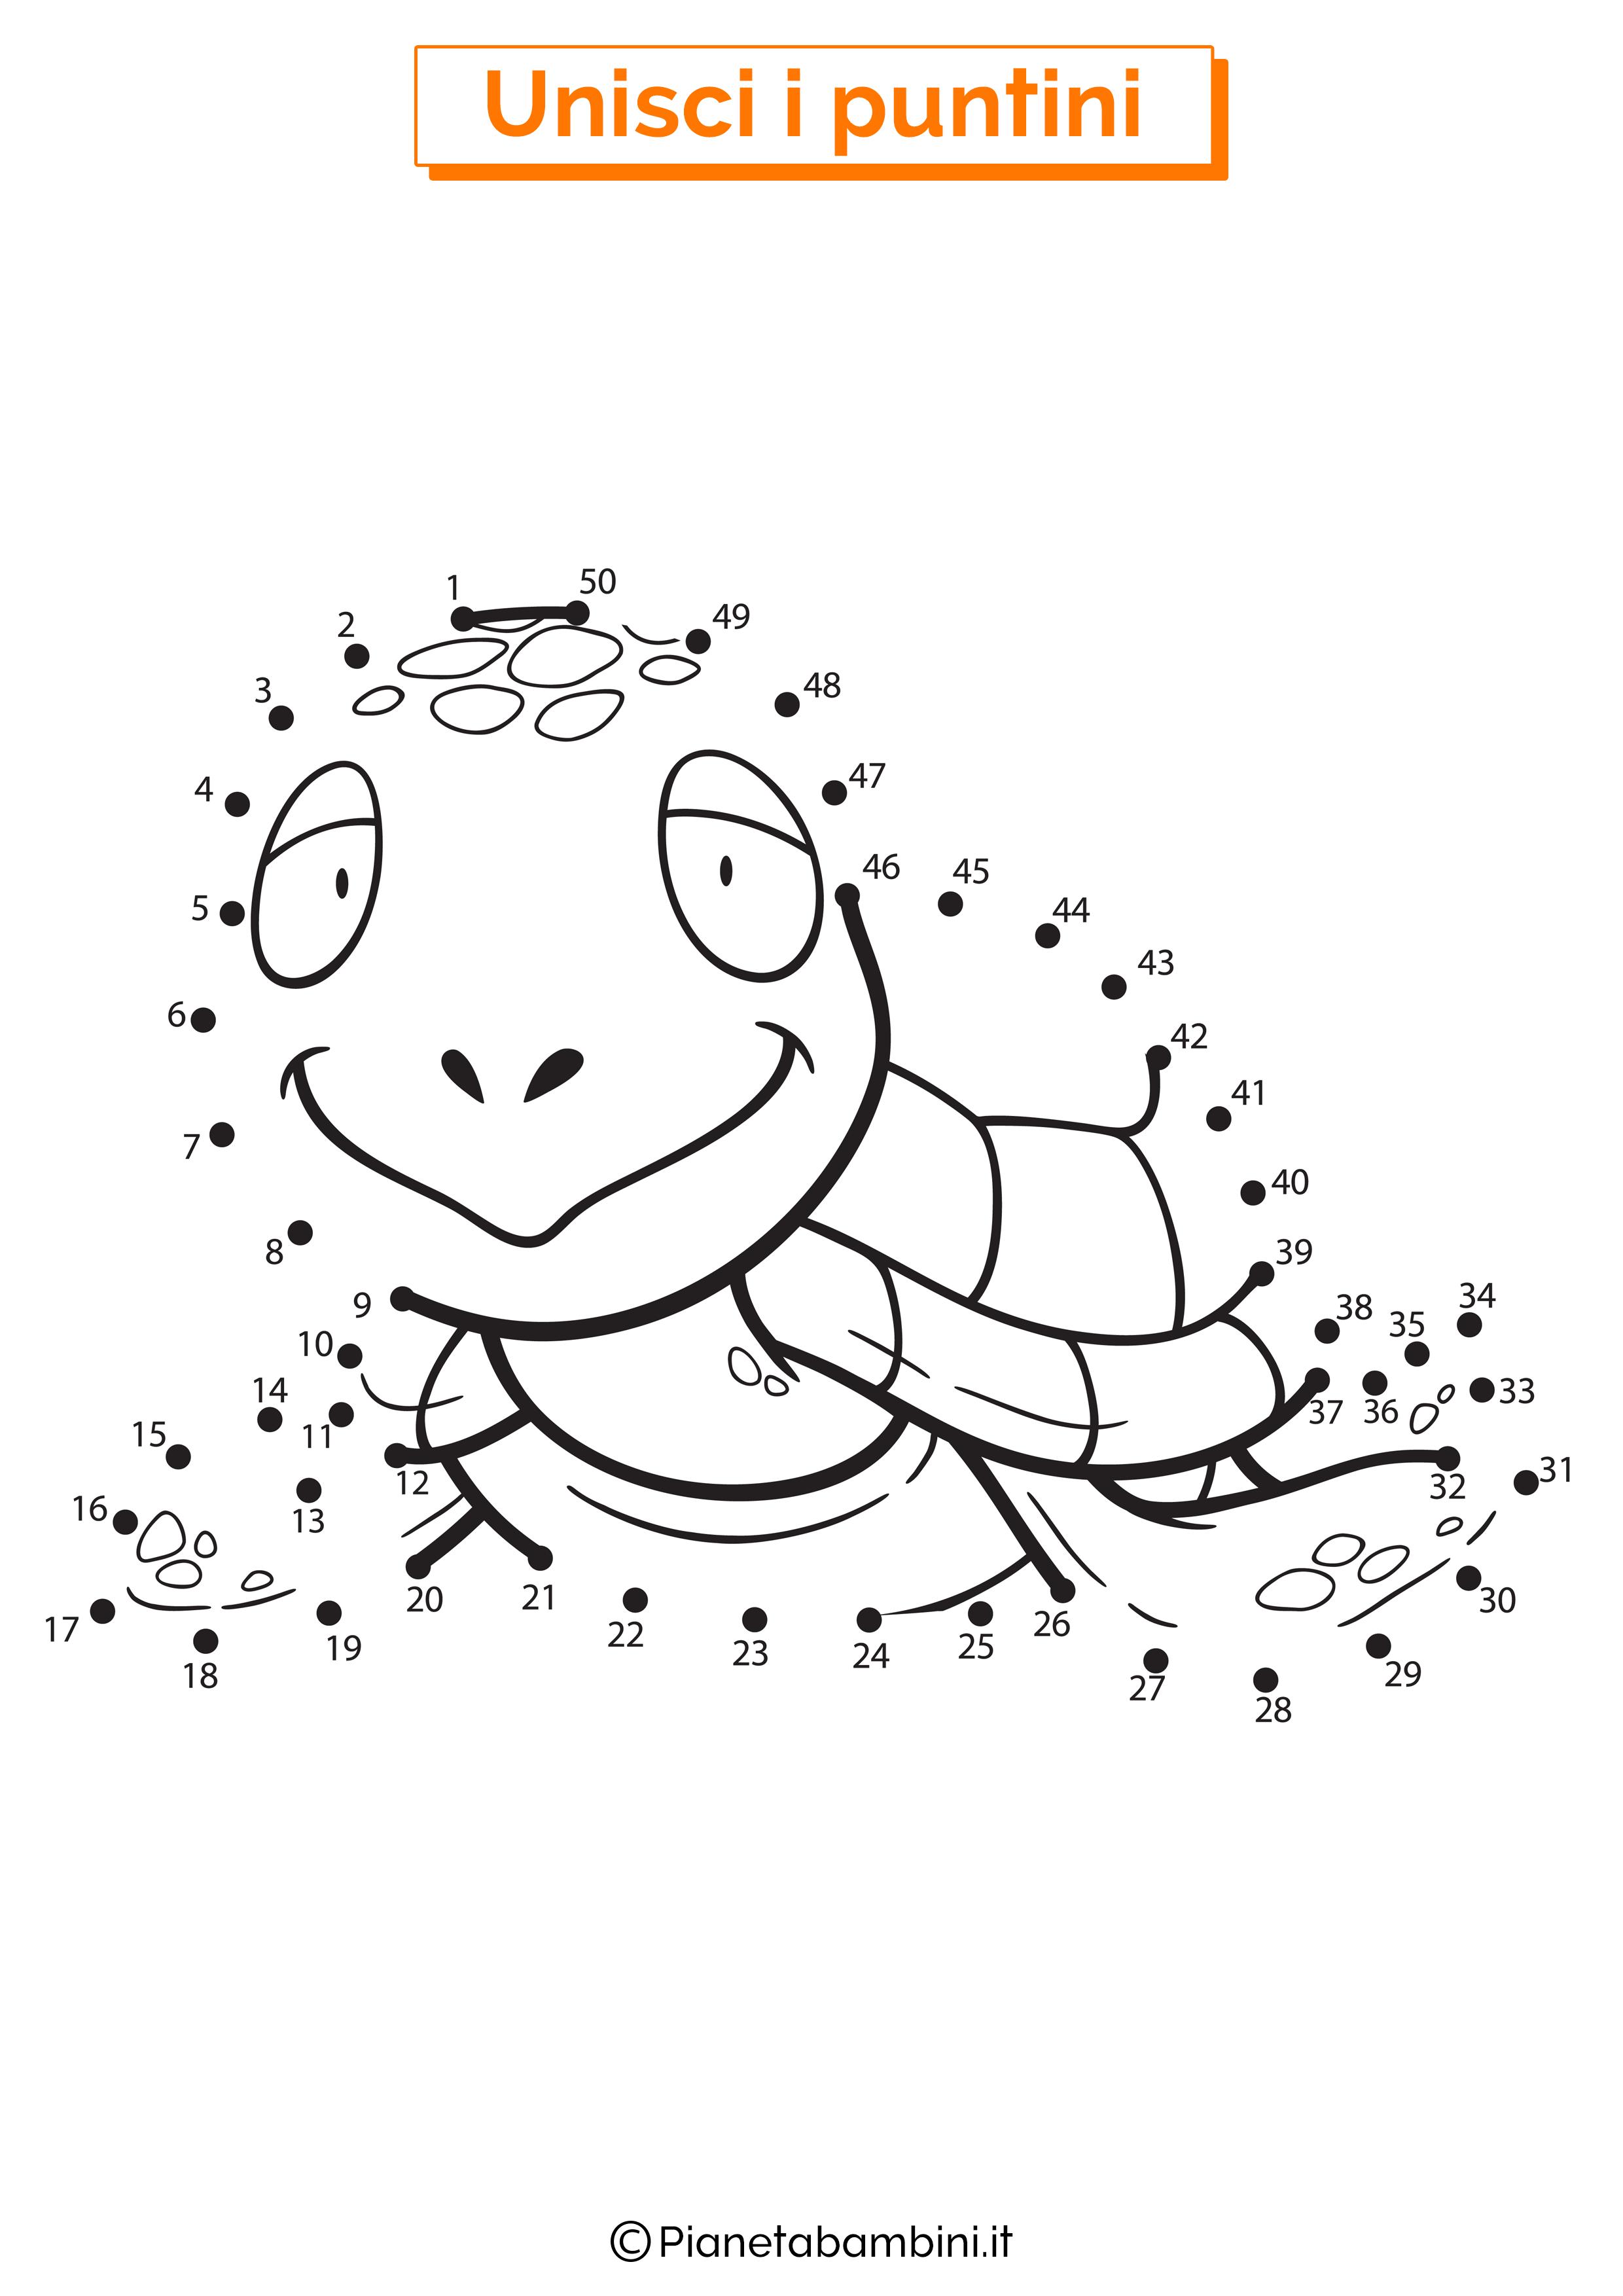 Disegno unisci i puntini da 1 a 50 tartaruga marina